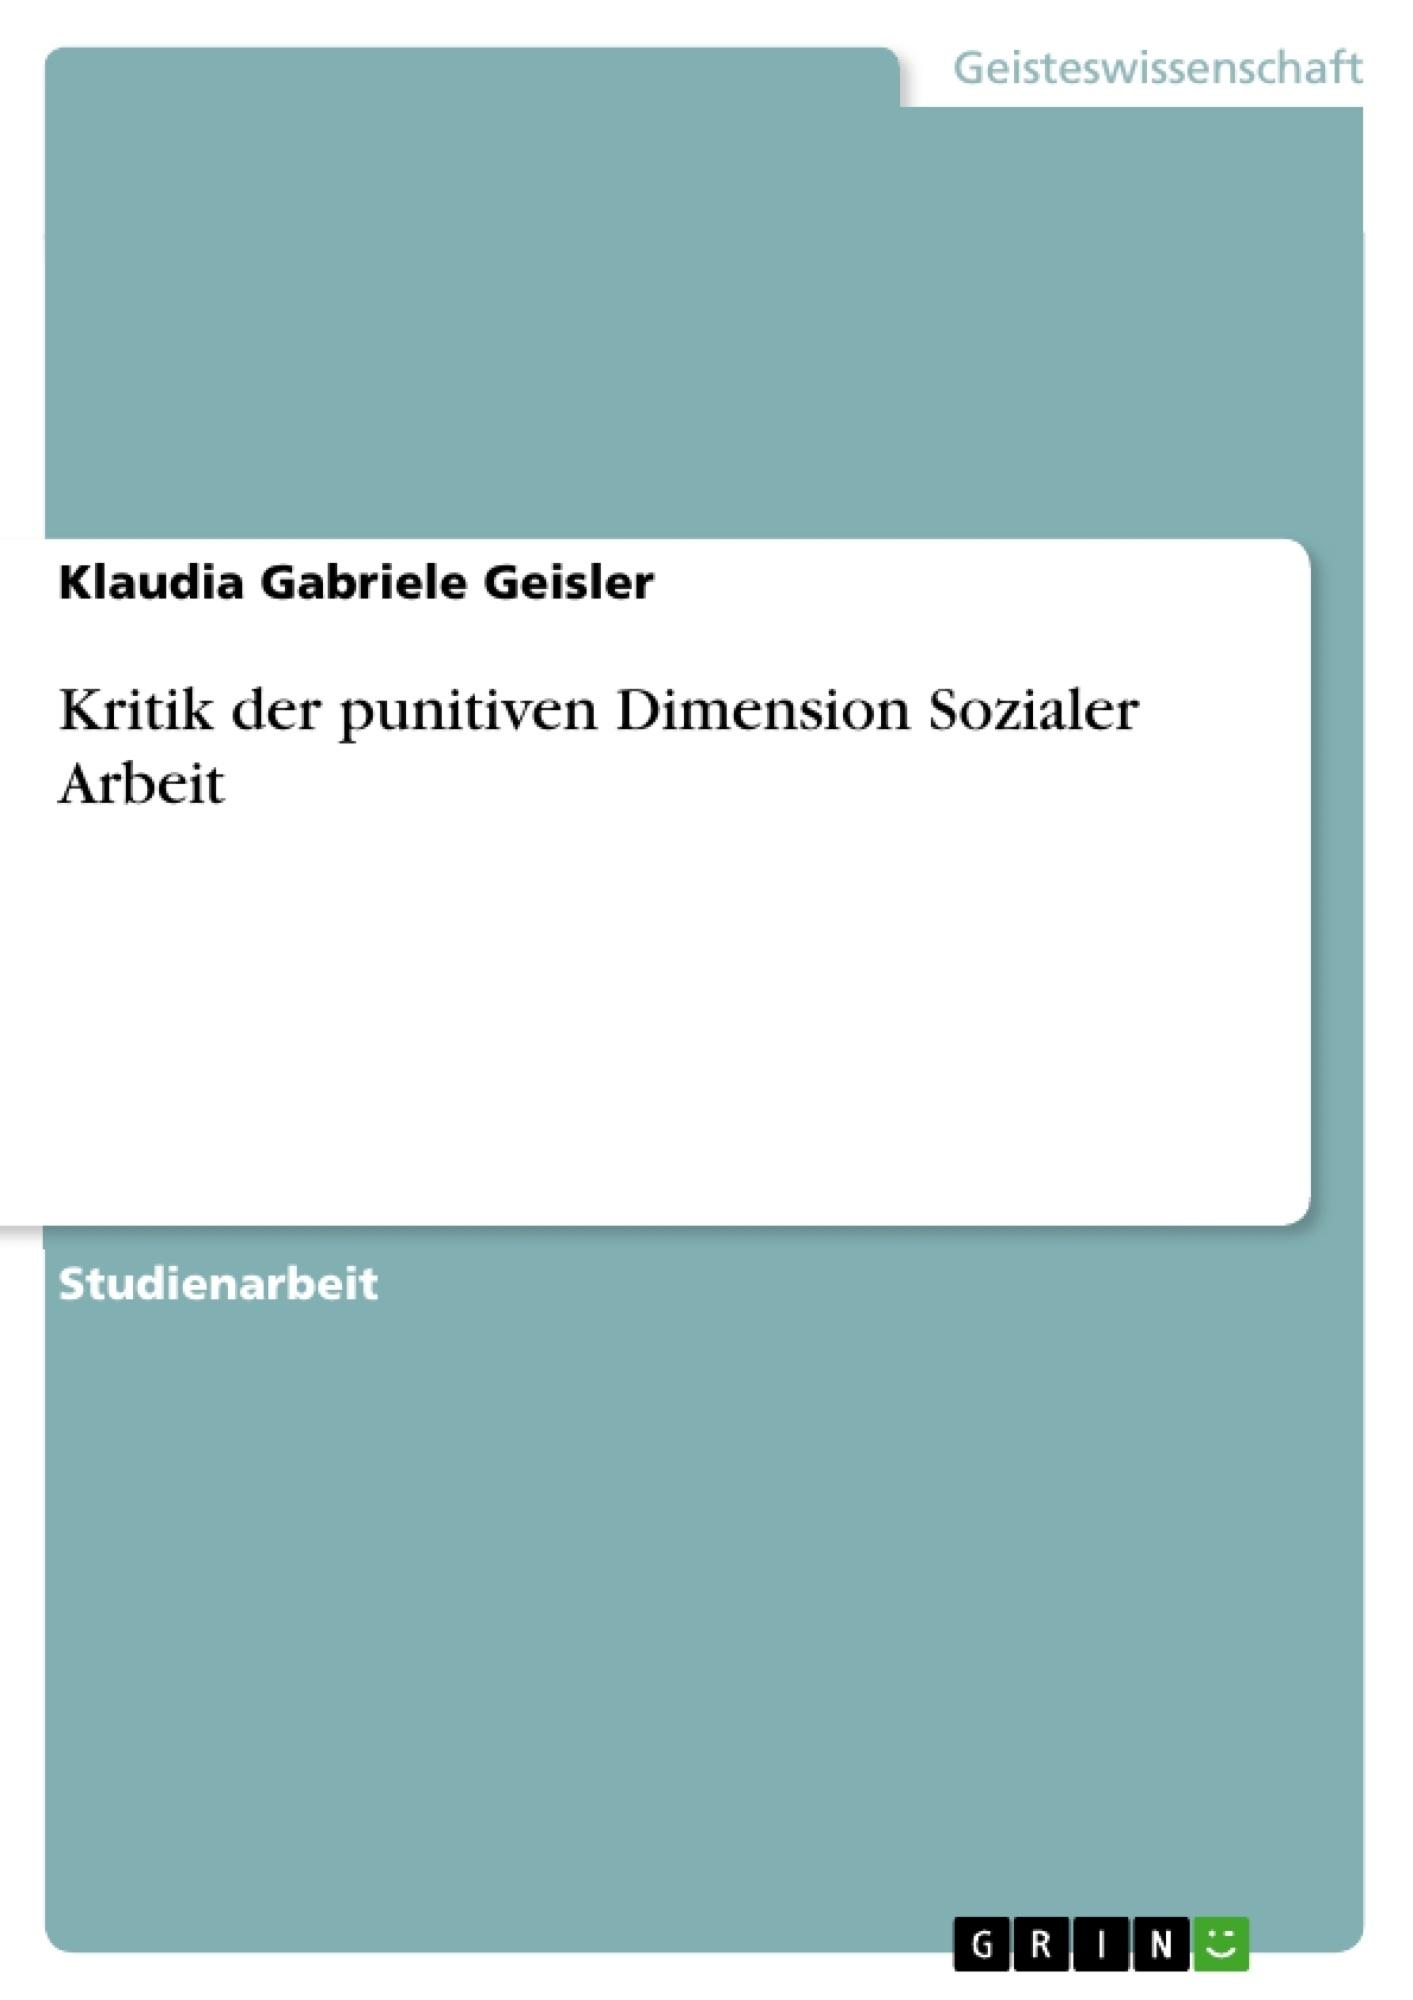 Titel: Kritik der punitiven Dimension Sozialer Arbeit